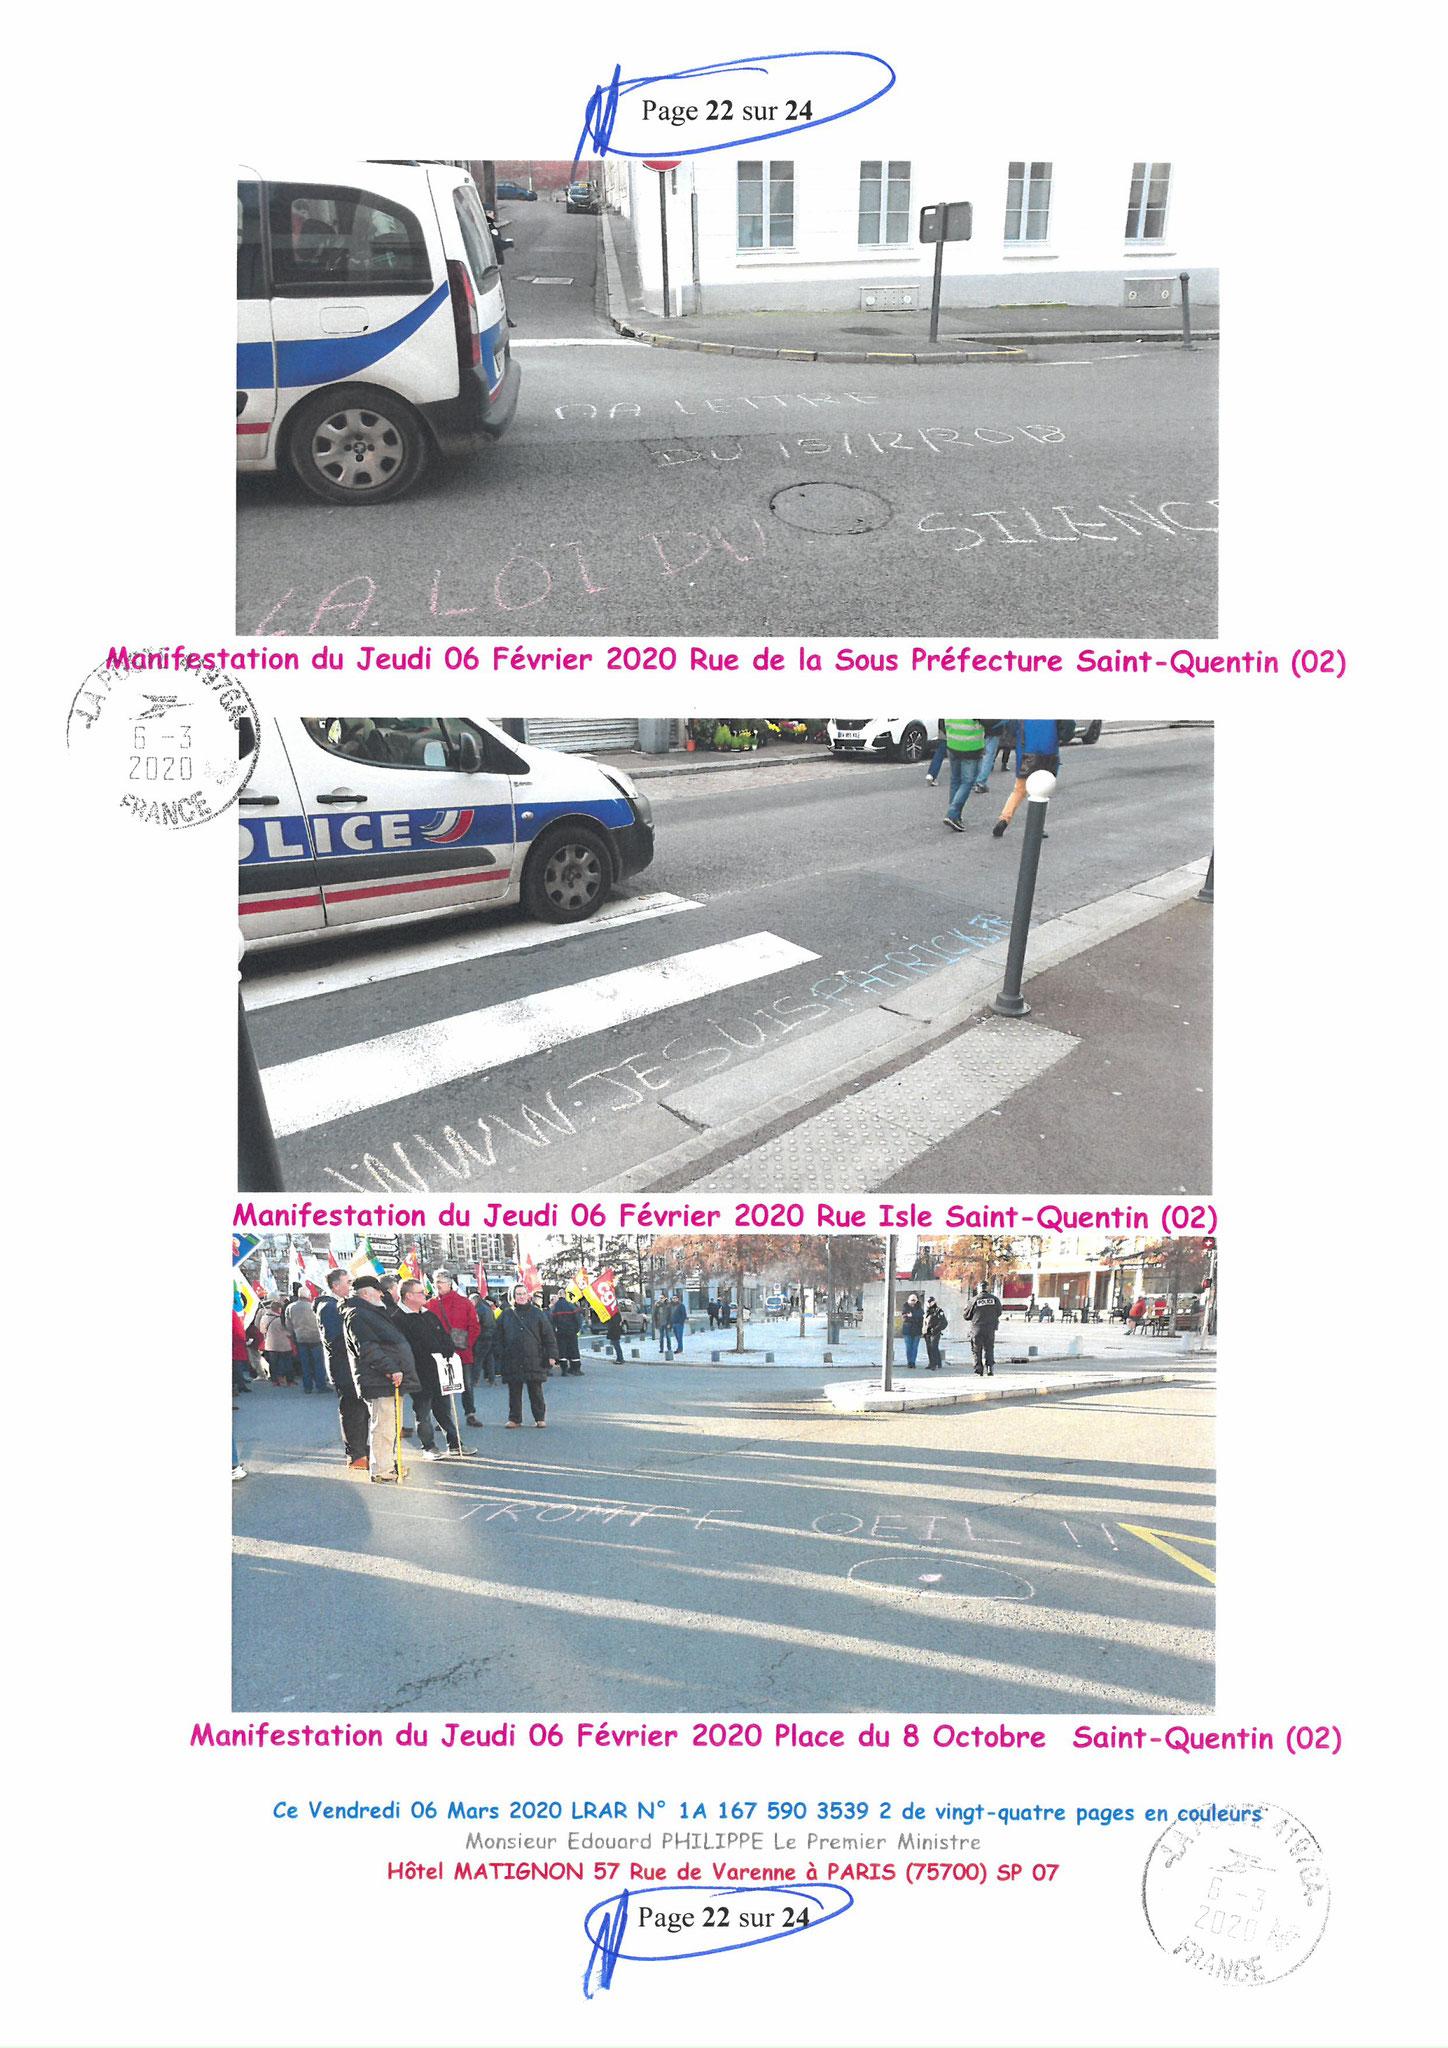 Ma LRAR à Monsieur le  Premier Ministre Edouard PHILIPPE N° 1A 167 590 3539 2 Page 22 sur 24 en Couleur du 06 Mars 2020  www.jesuispatrick.fr www.jesuisvictime.fr www.alerte-rouge-france.fr